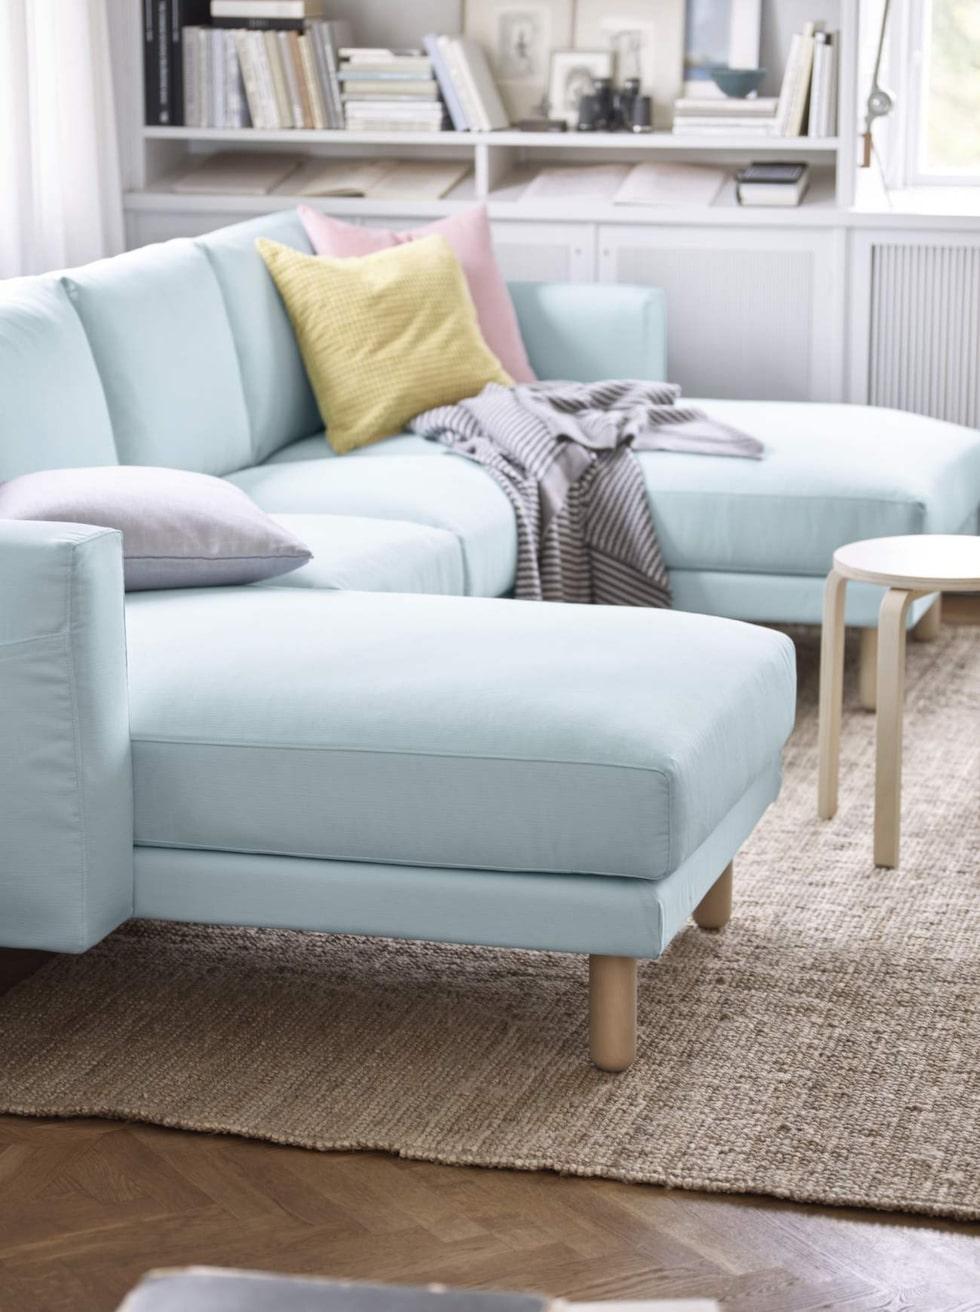 Fin form och färg. Soffan Norsborg i ljusblå klädsel med ben av björk. Här tvåsitssoffa med två schäslonger, 8 295 kronor, Ikea.